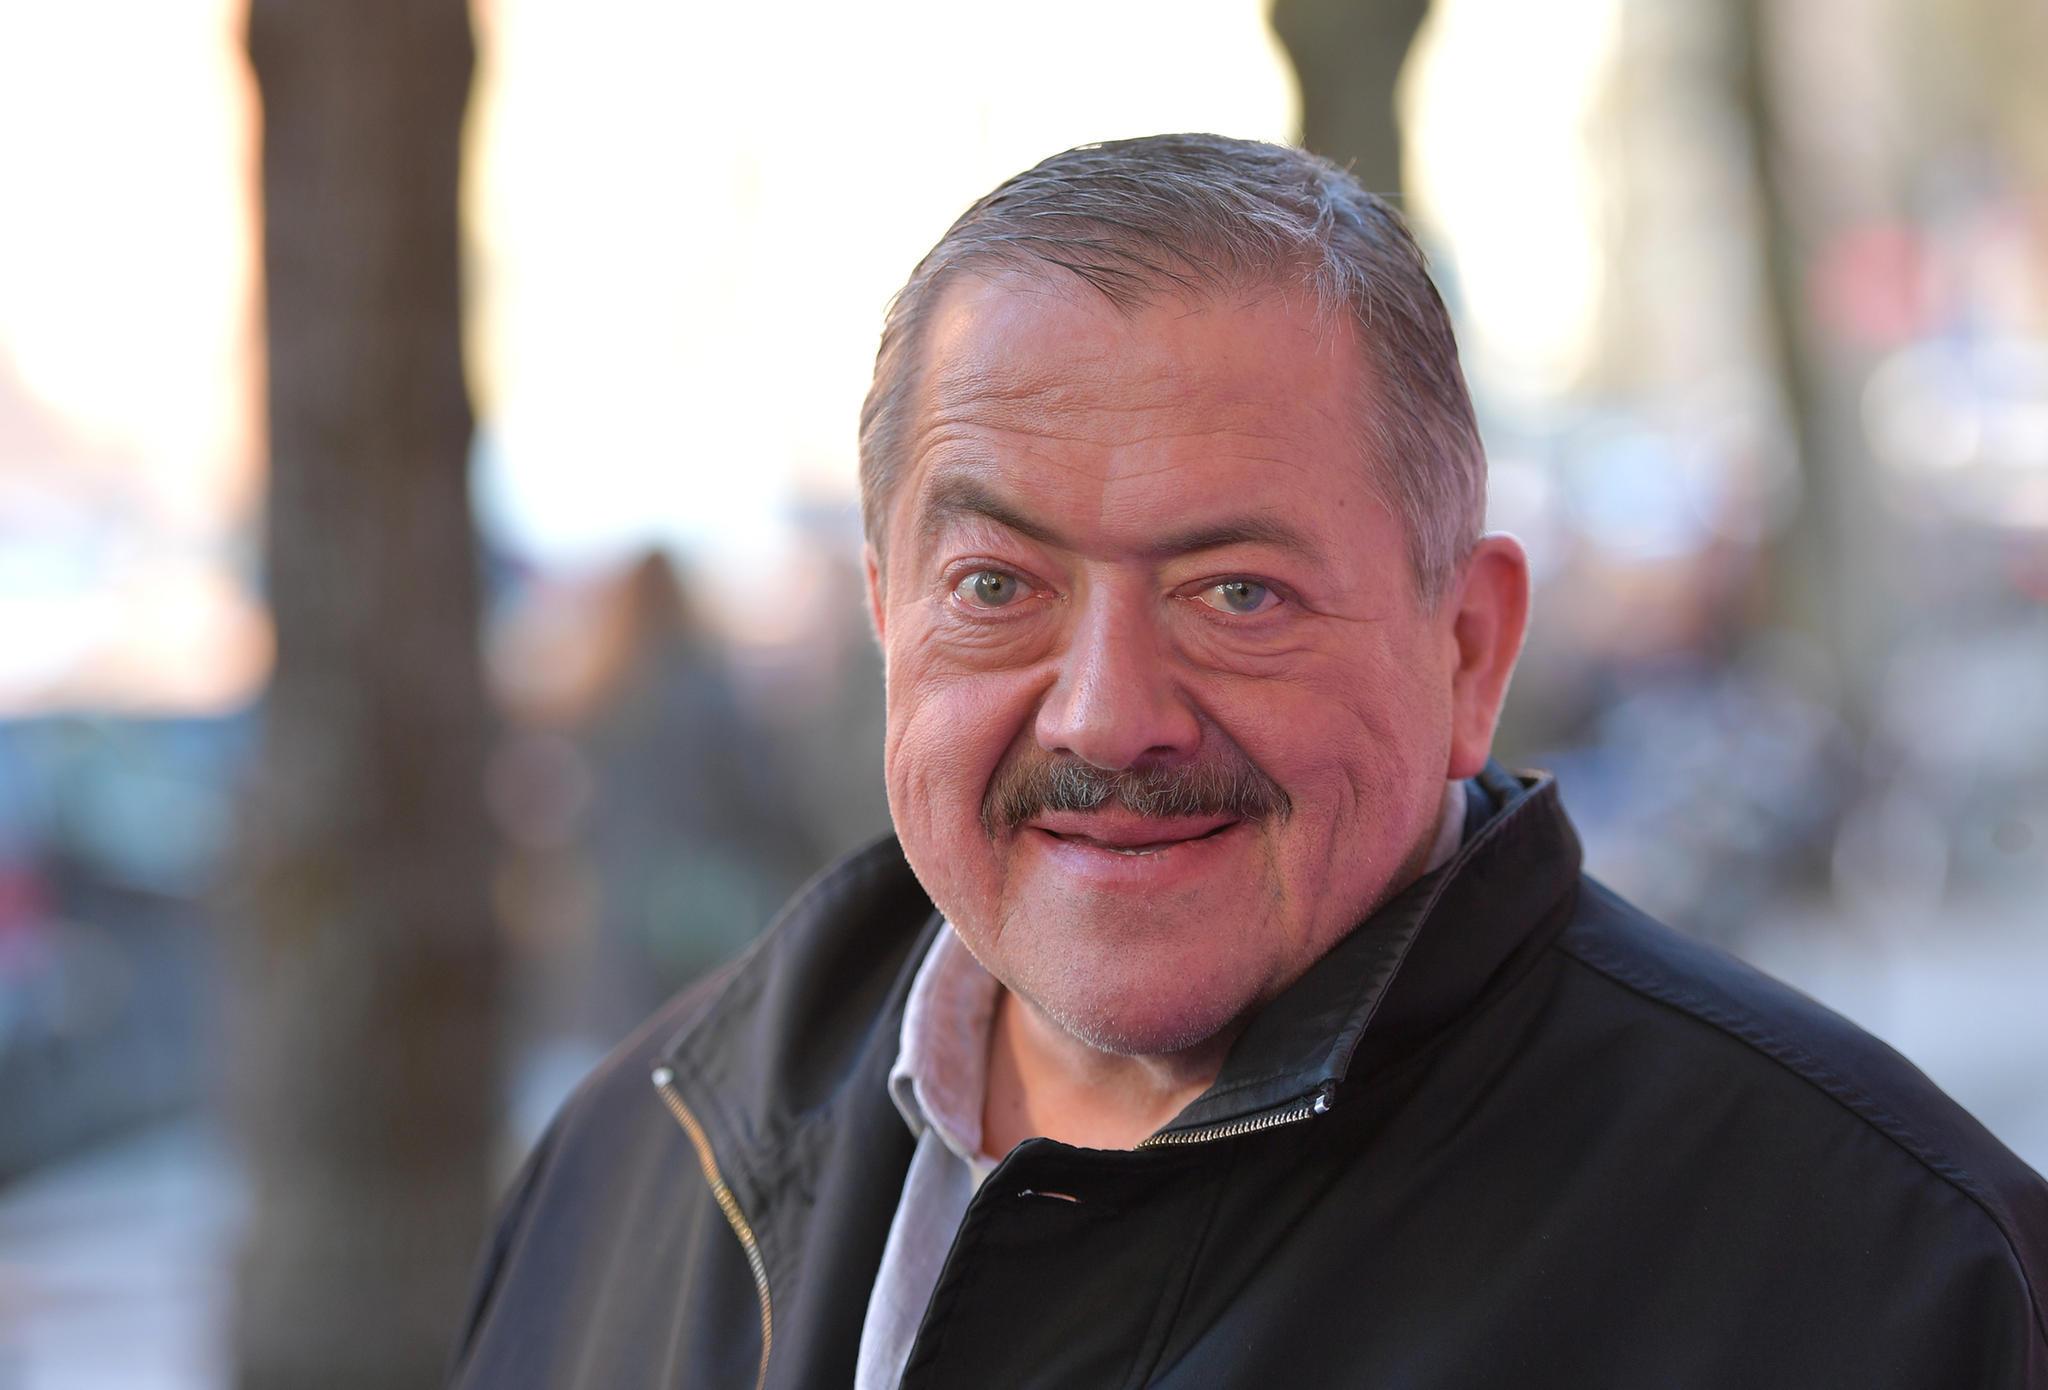 Joseph Hannesschläger Gesundheitszustand